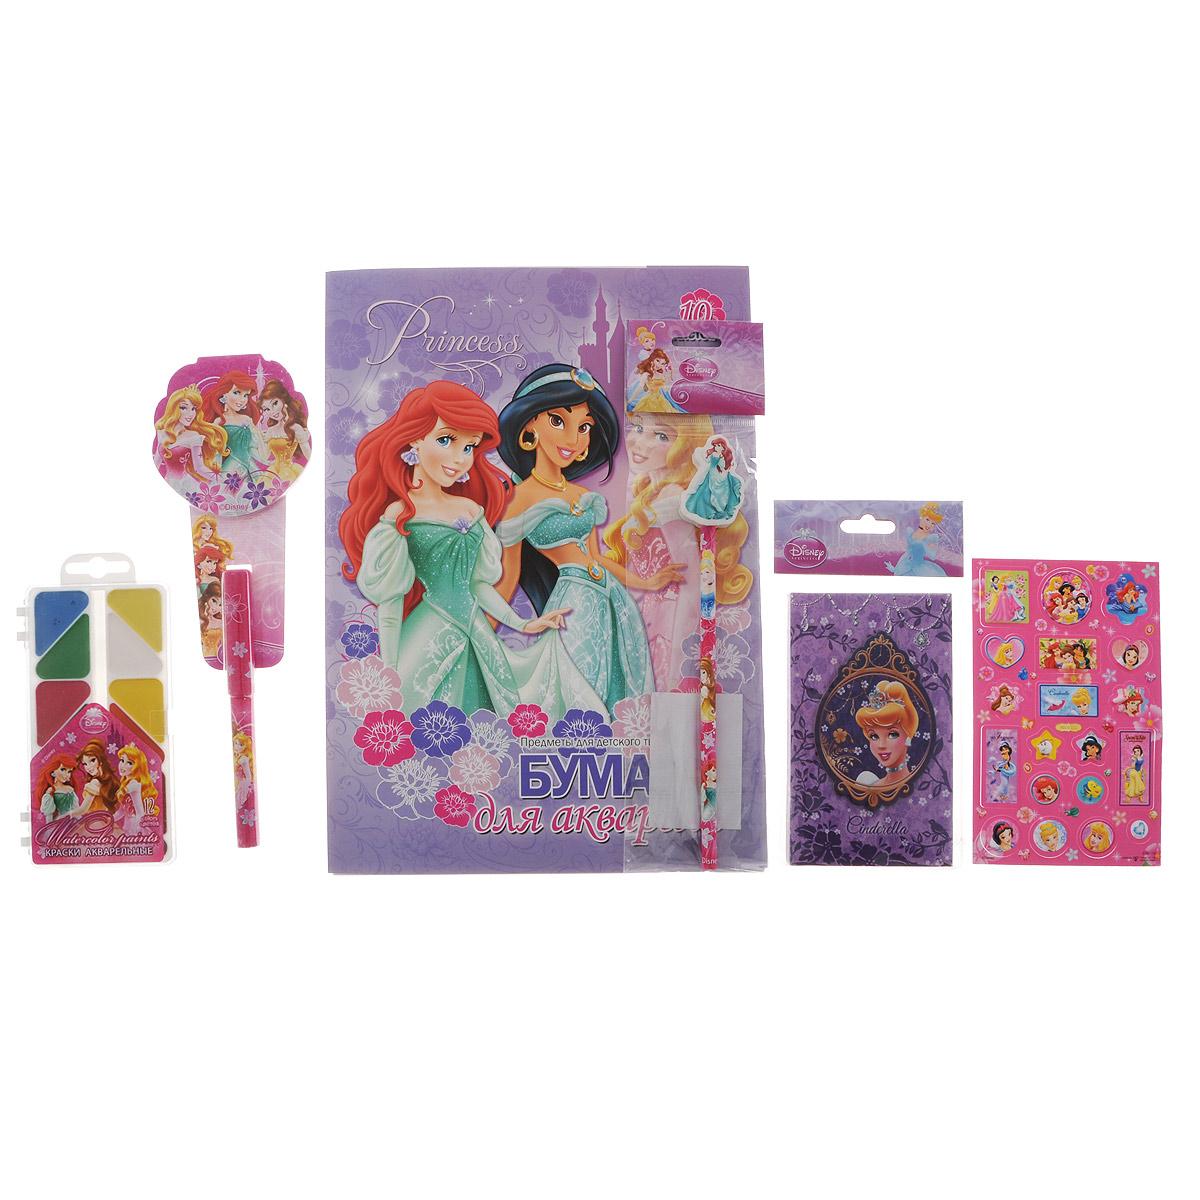 Подарочный канцелярский набор Disney Princess. PRСZ-US1-AZ15-BOX272523WDКанцелярский набор Disney Princess станет незаменимым атрибутом в учебе любой школьницы.Он включает в себя 10 листов бумаги для акварели, чернографитный карандаш с ластиком, телефонную книжку, лист с объемными стикерами, акварельные краски в футляре (12 цветов), небольшой блокнотик и ручку. Все предметы набора оформлены изображениями диснеевских принцесс. Упакован набор в картонную подарочную упаковку. УВАЖАЕМЫЕ КЛИЕНТЫ! Обращаем ваше внимание на возможные изменения в дизайне предметов набора, связанные с ассортиментом продукции. Поставка осуществляется в зависимости от наличия на складе.